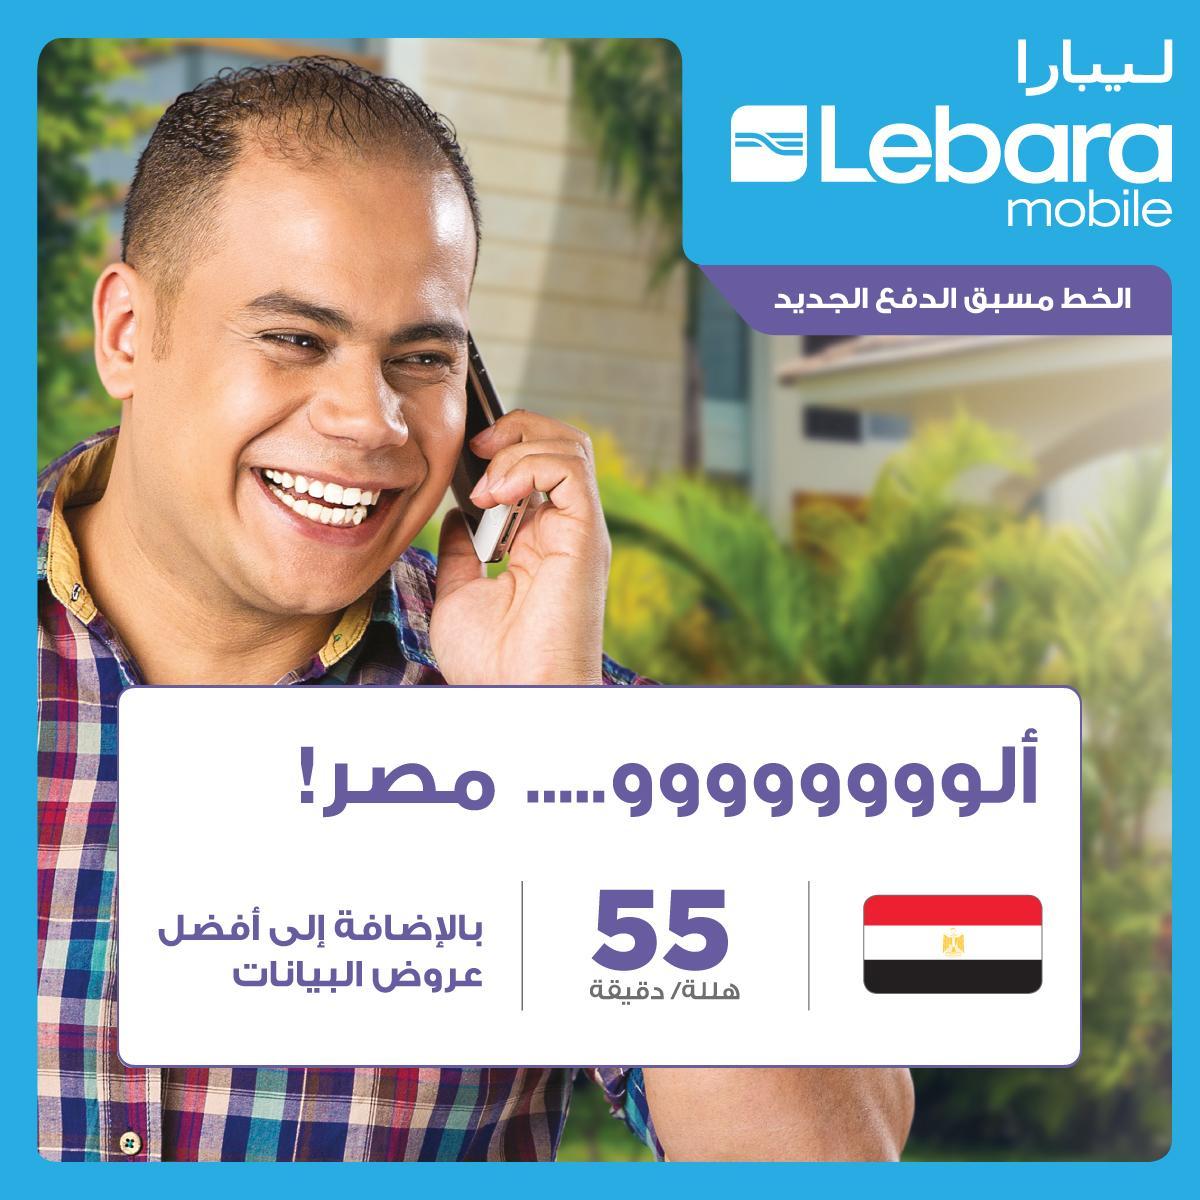 Lebara Mobile Ksa Twitterissa ابدأ اتصالاتك الدولية إلى مصر بأفضل الأسعار التفاصيل هنا Http T Co Nmdooqvuwo Http T Co 22vz7x2jea